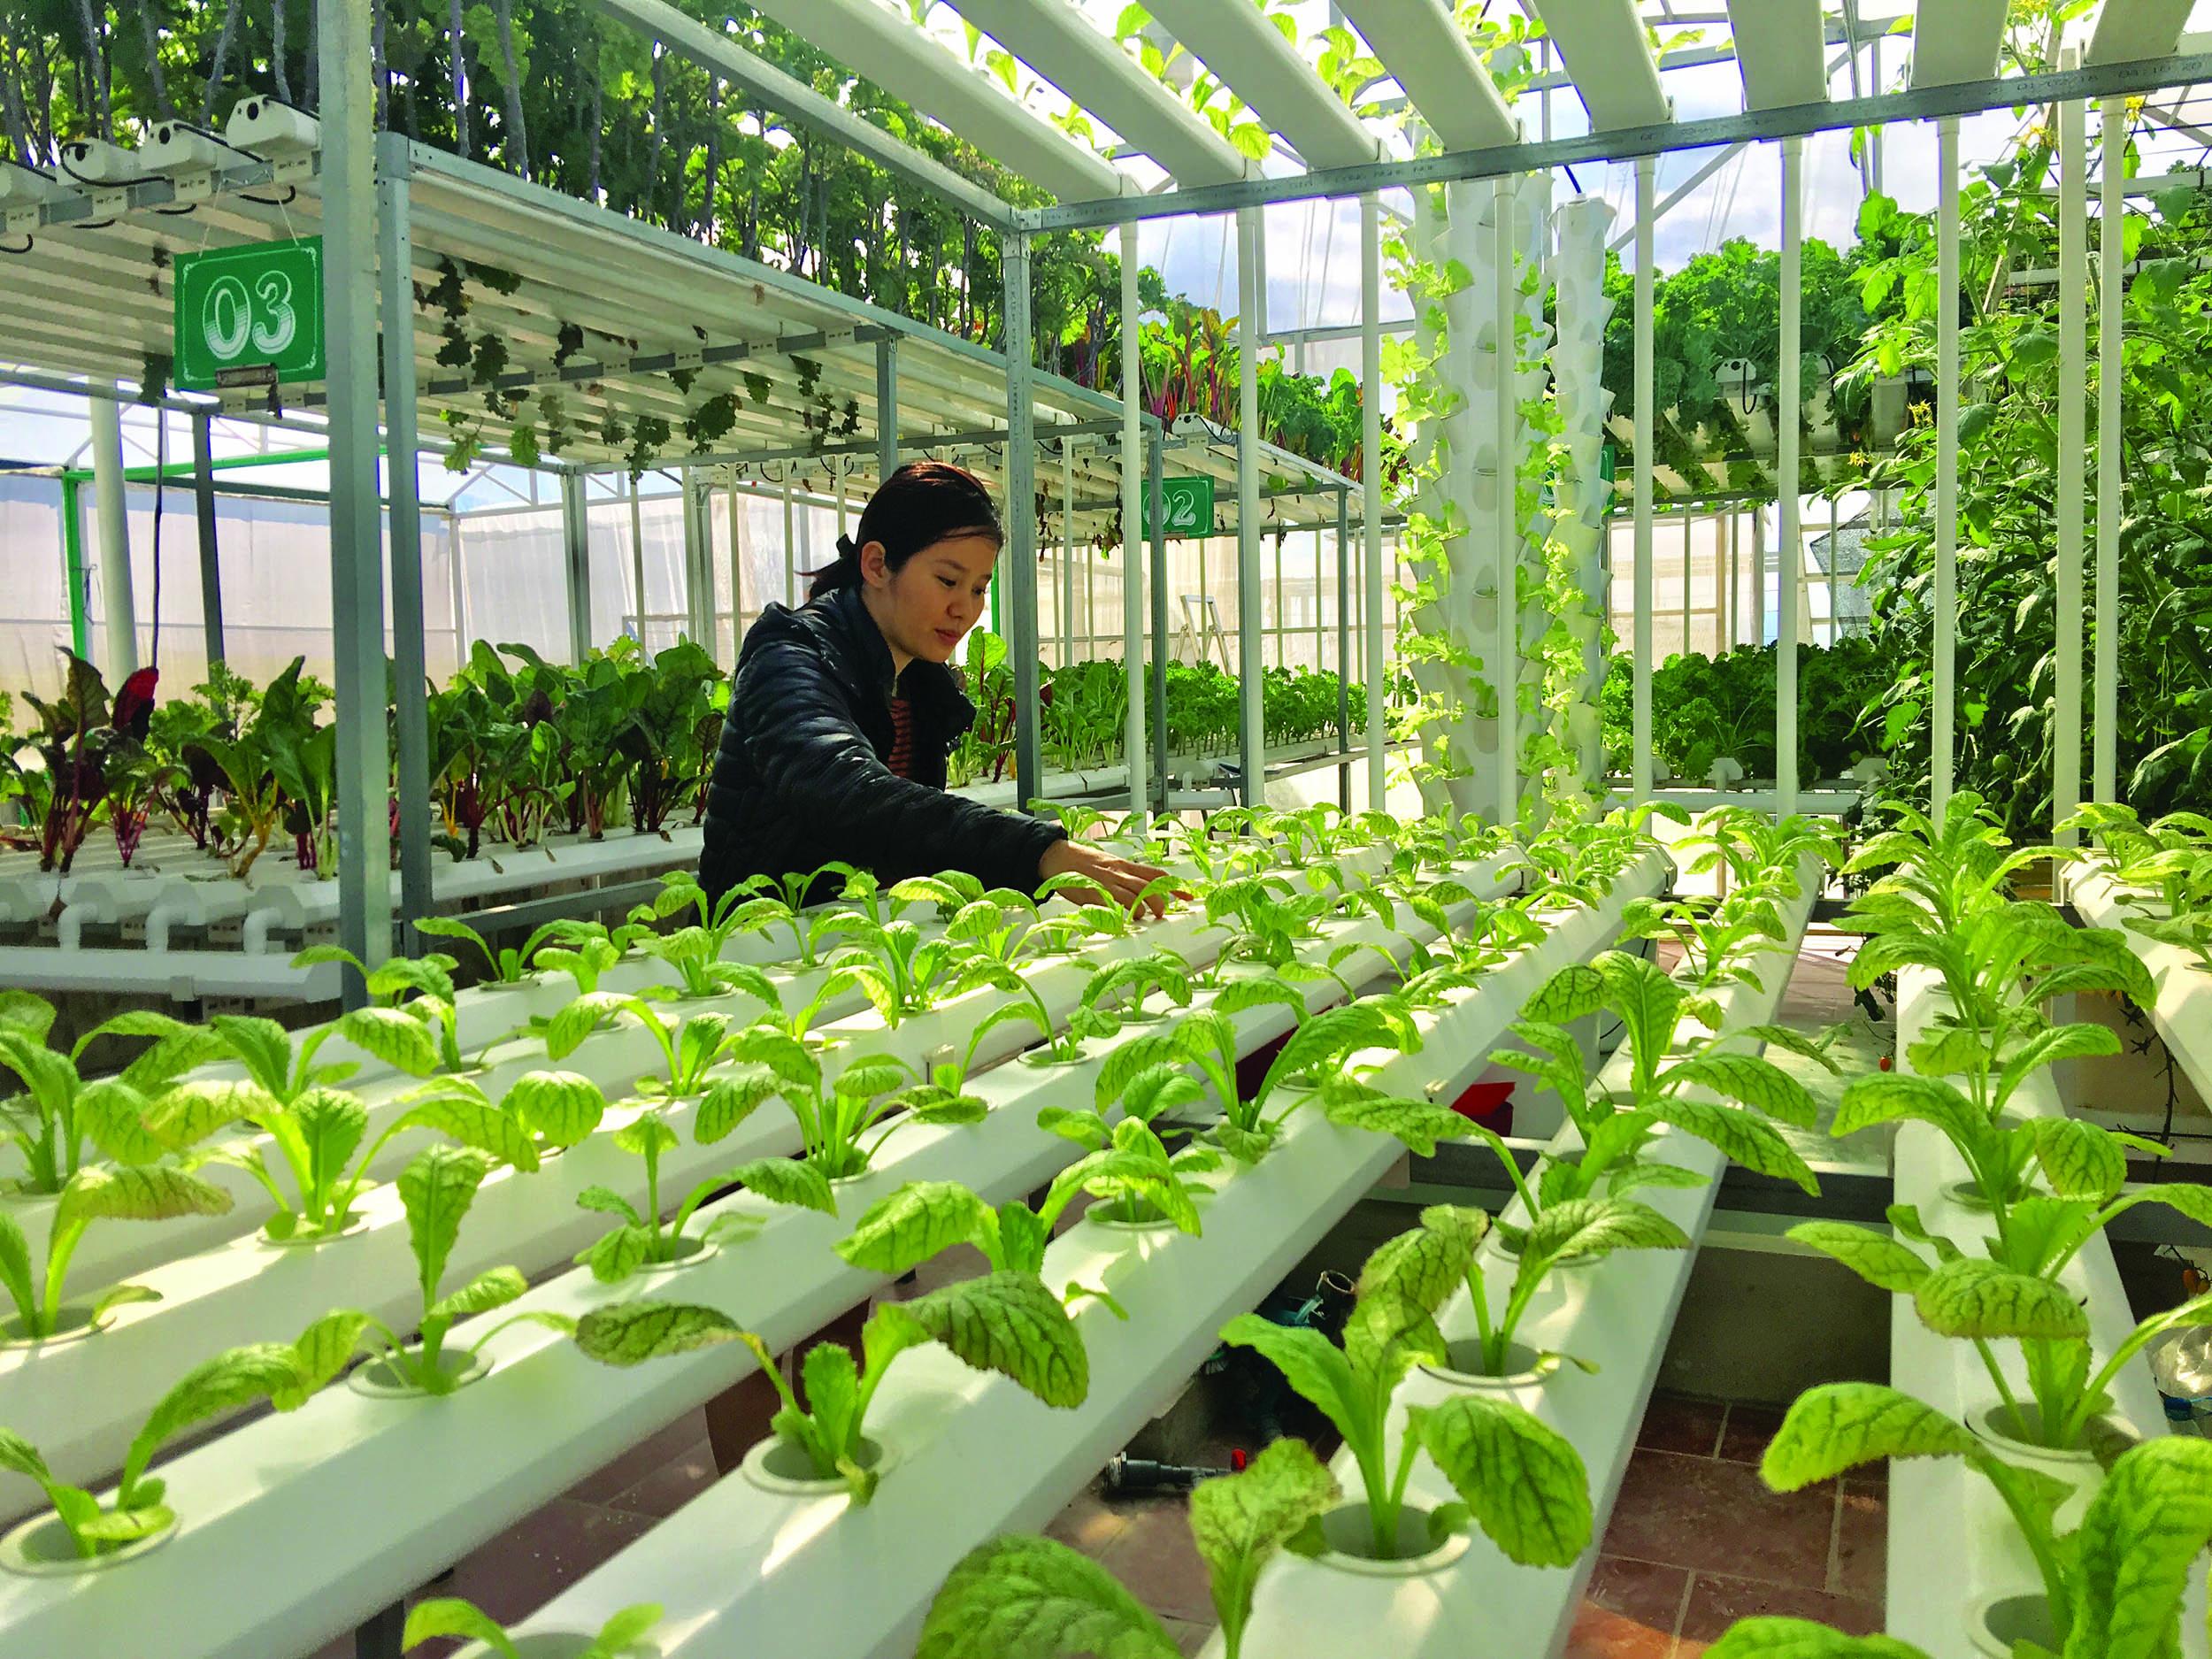 Mô hình trồng rau thủy canh trong nhà lưới đang phát triển tại Điện Biên.